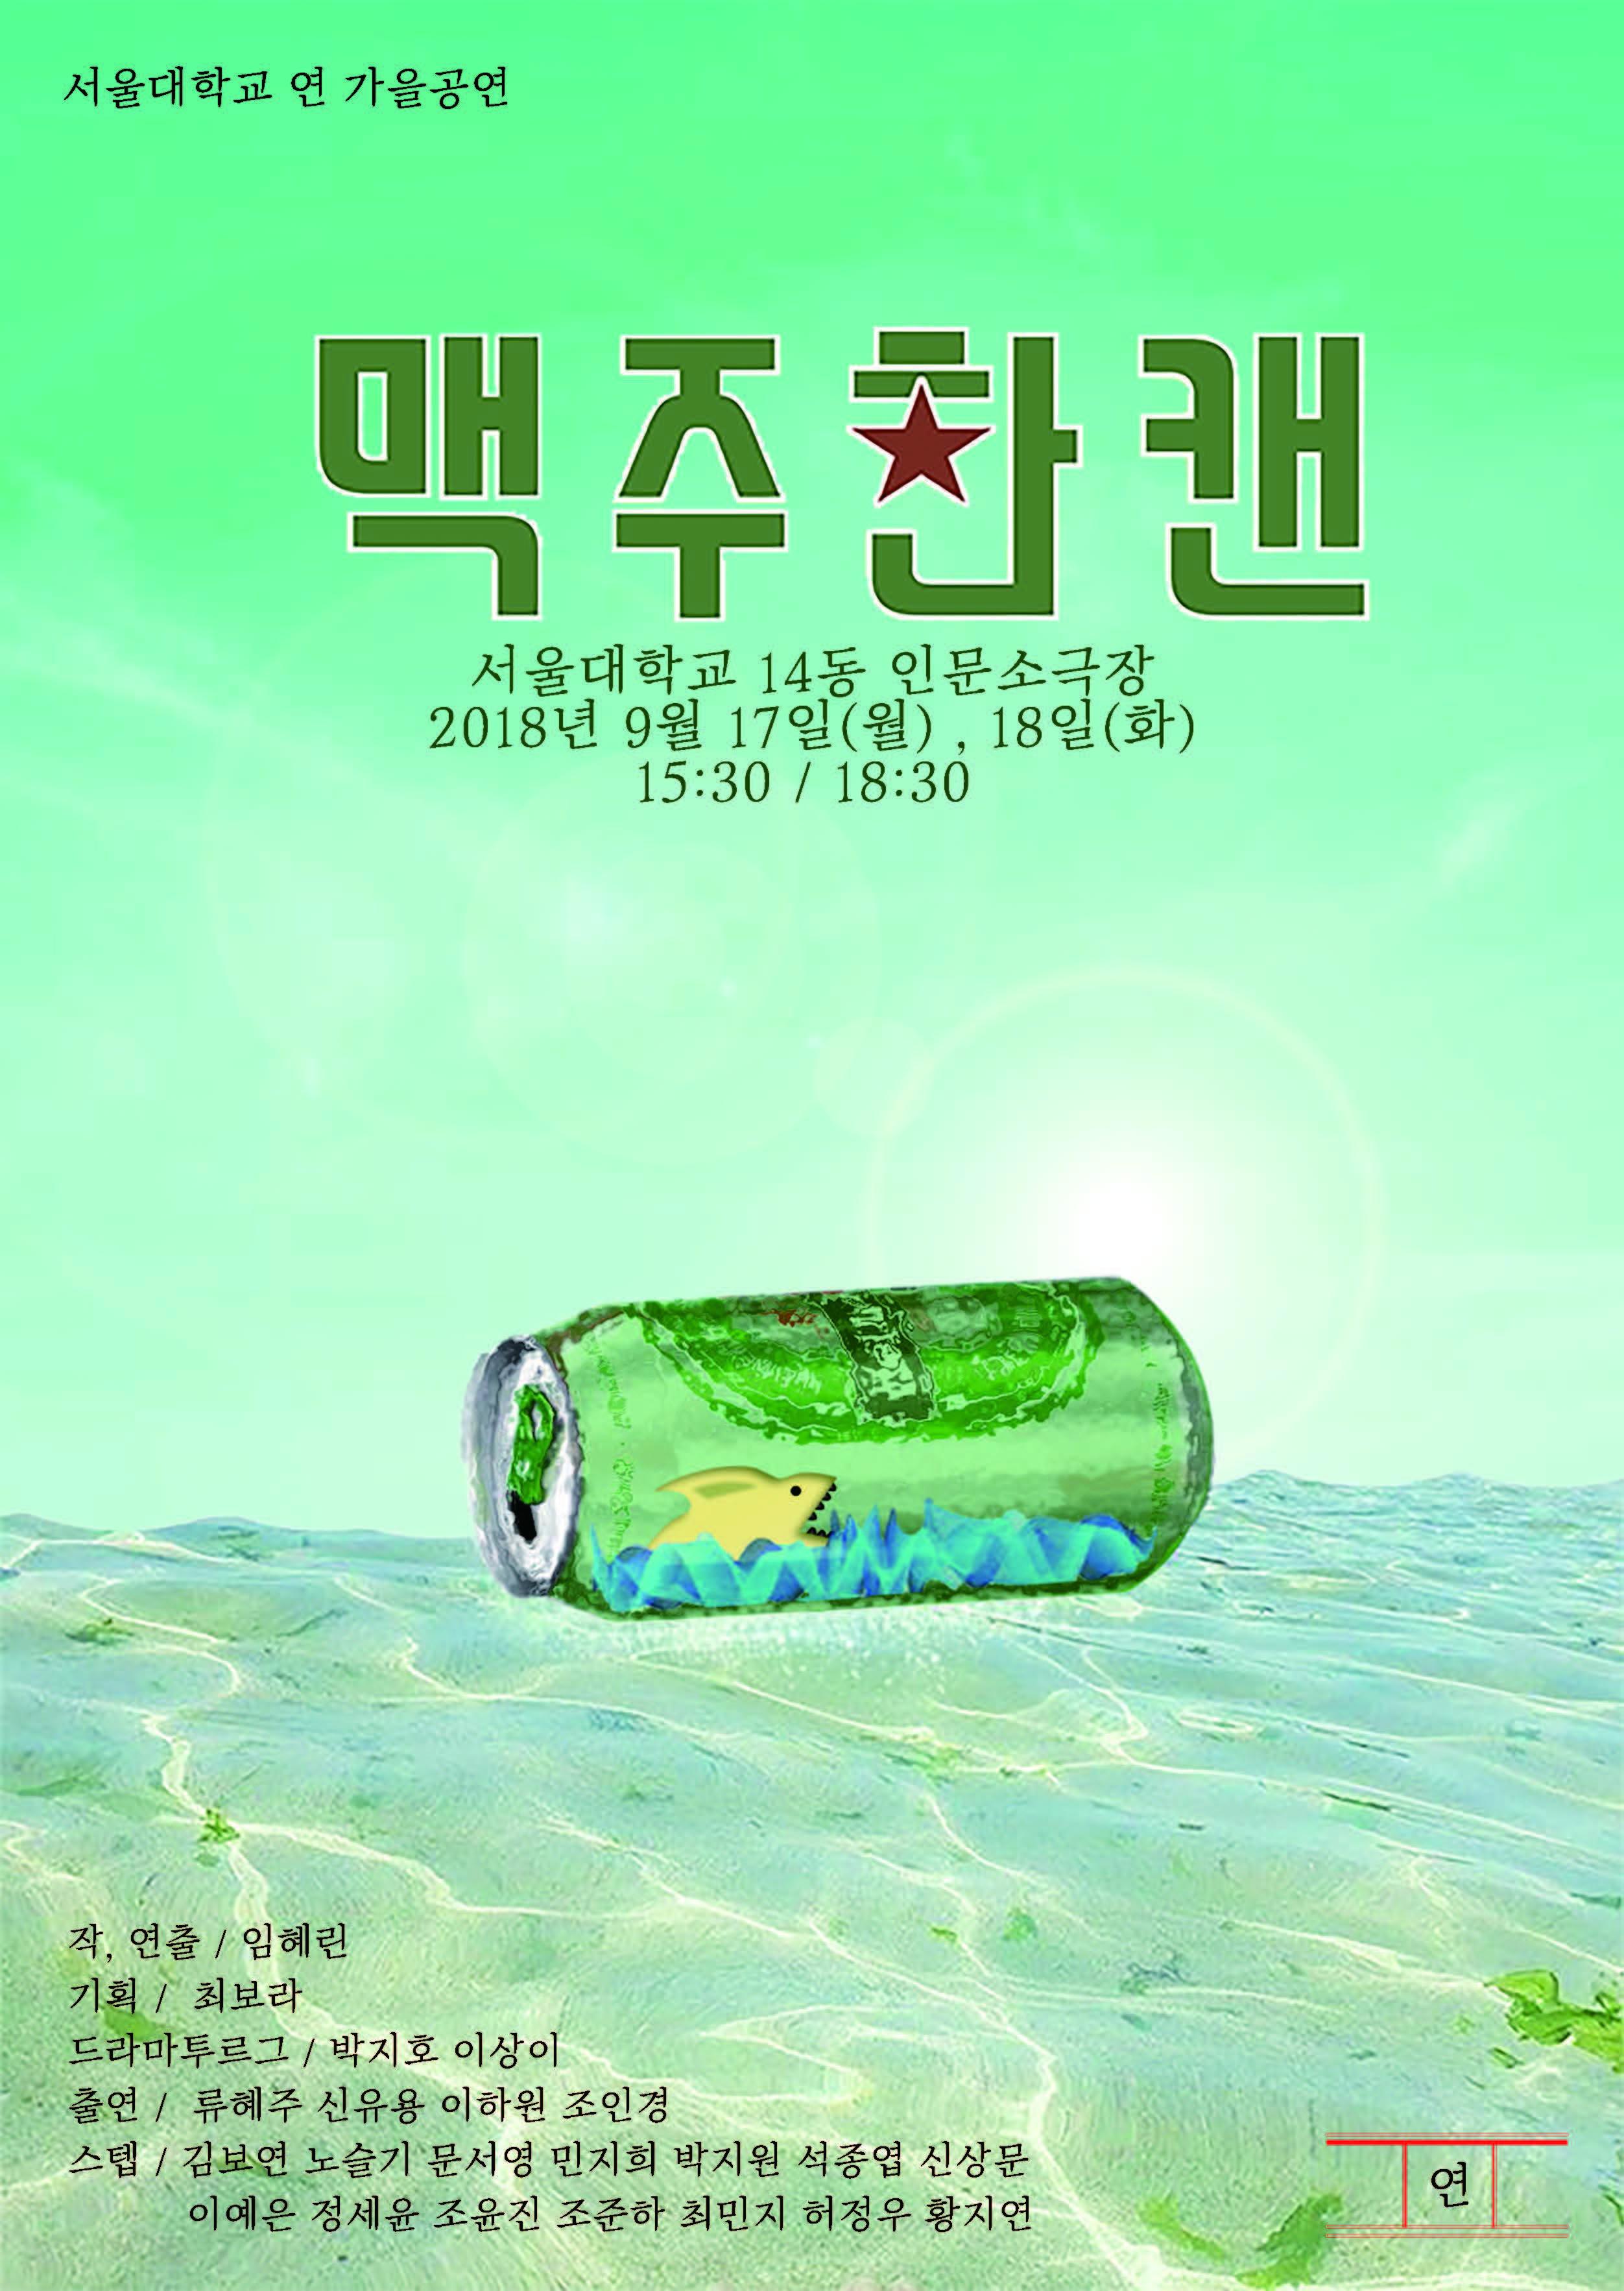 [9월_원연제] 국어국문학과 연 「맥주한캔」